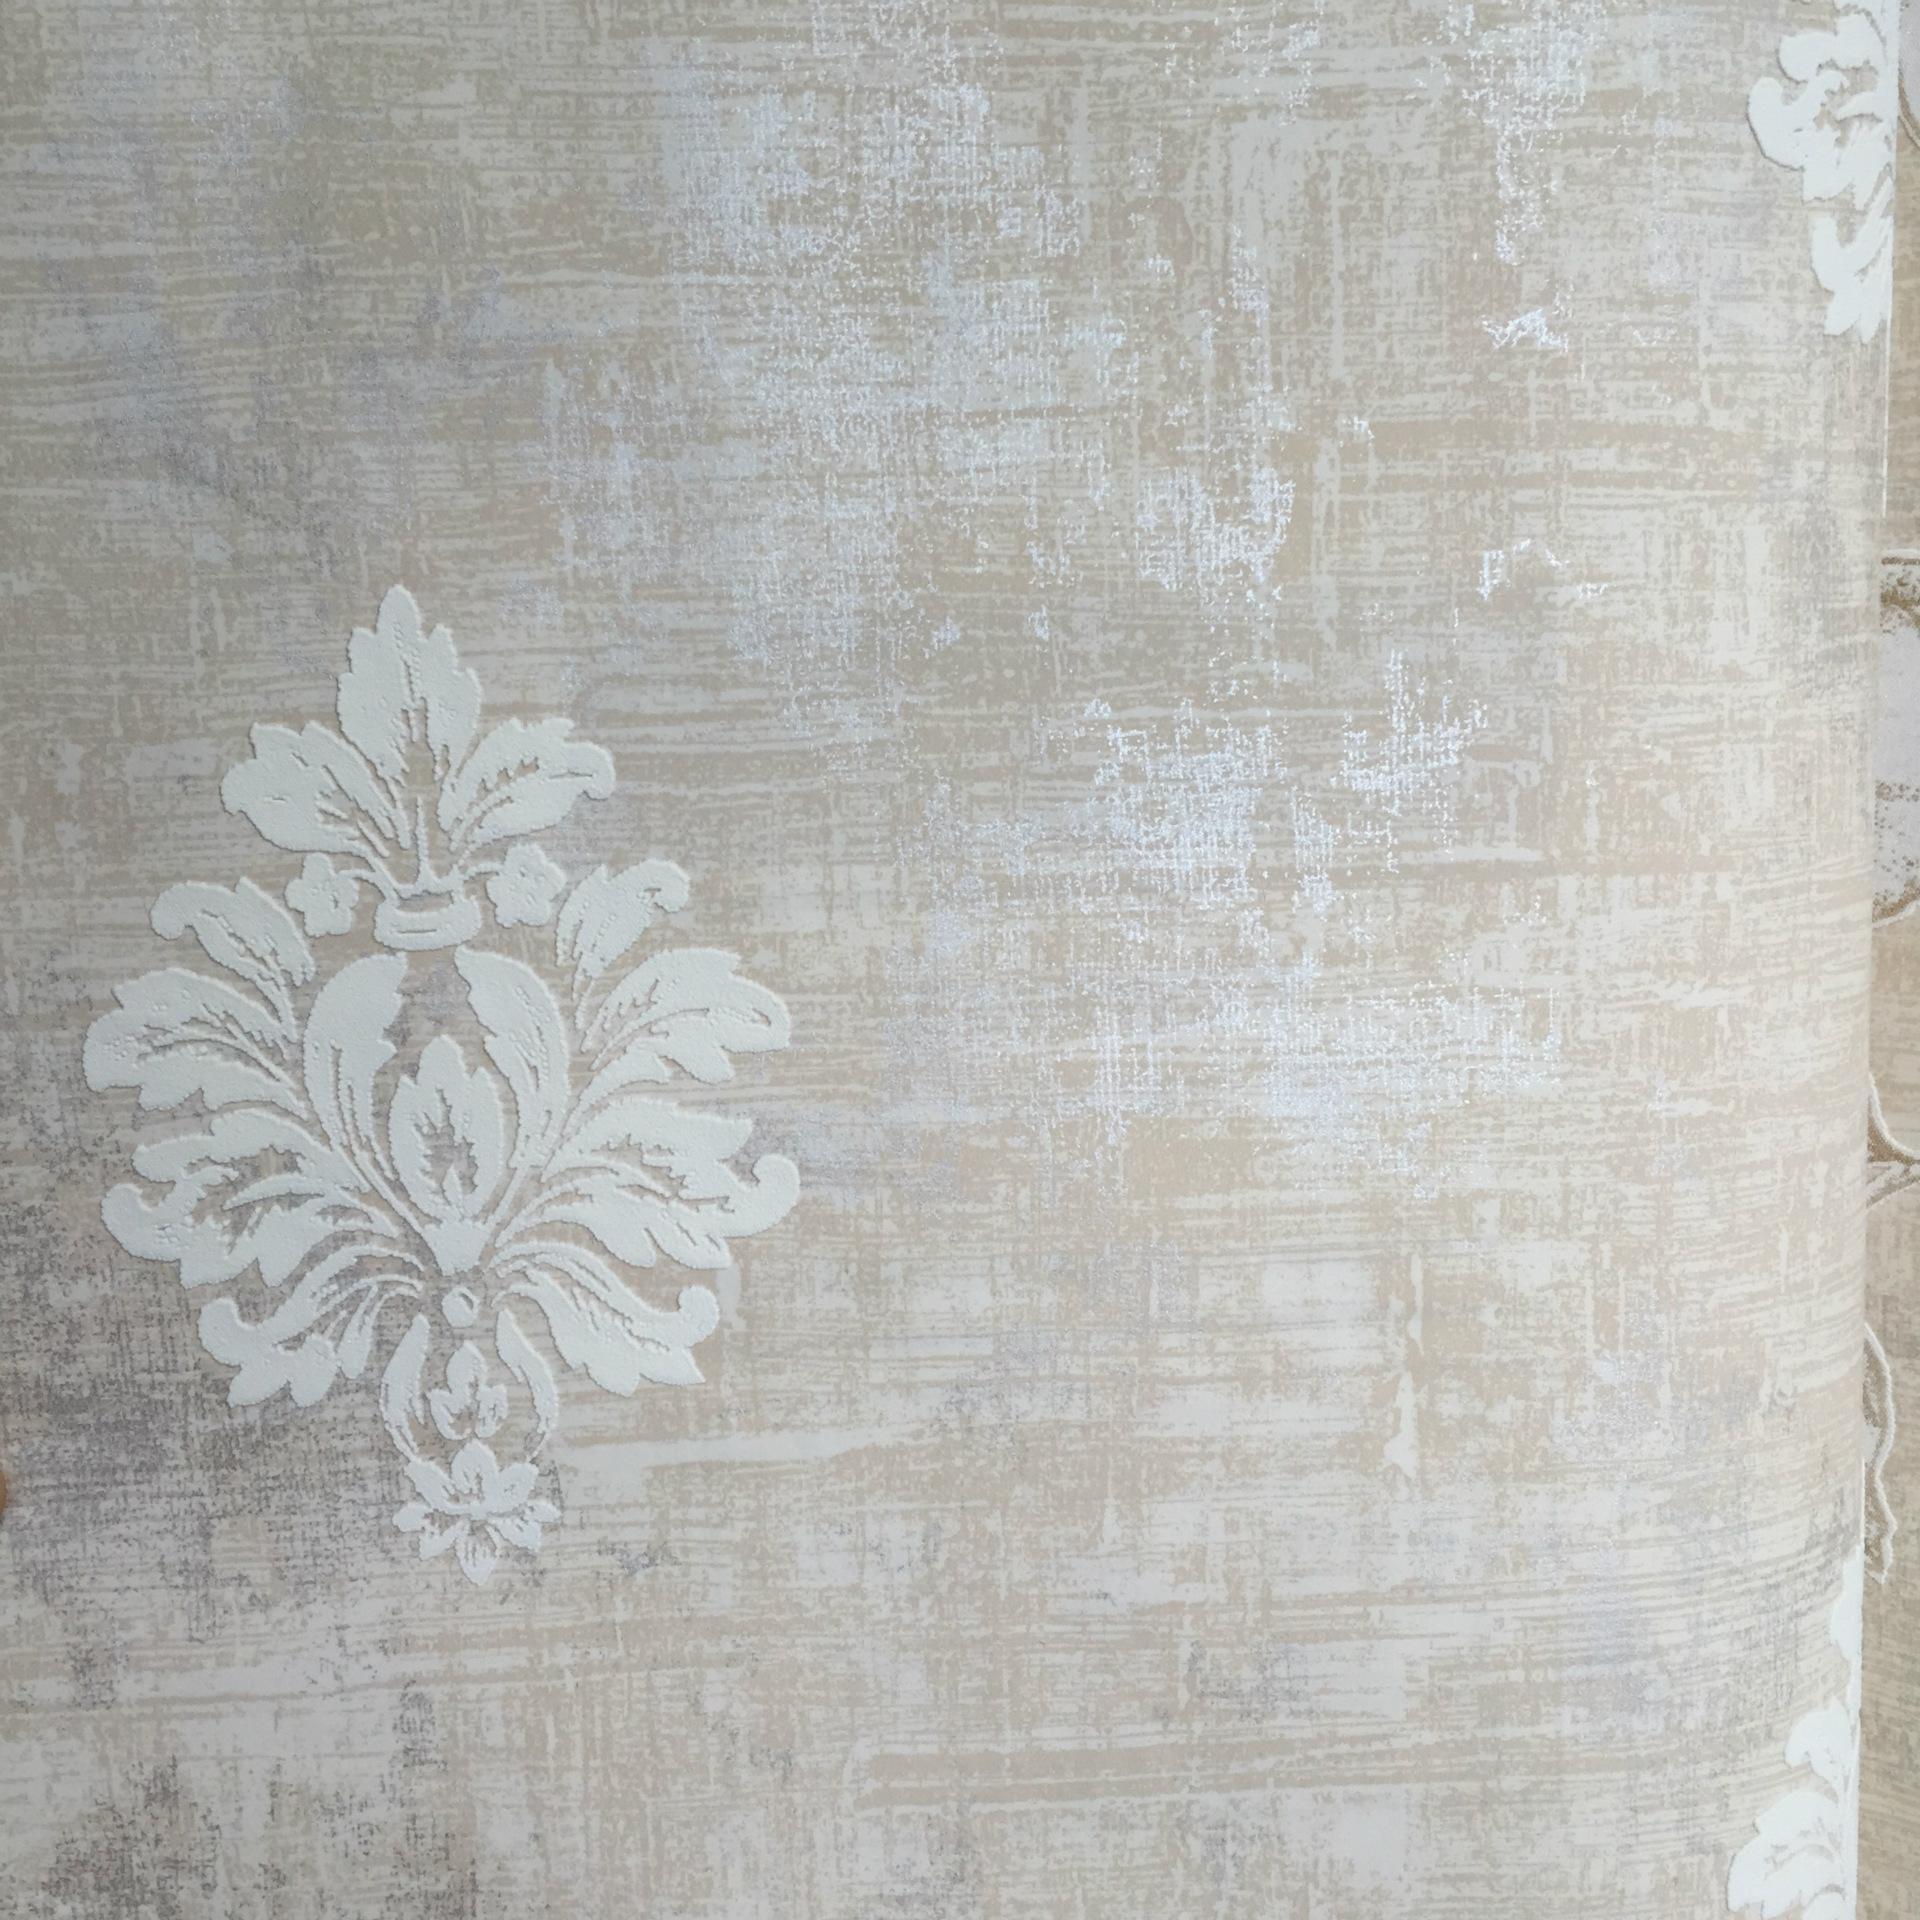 特价新款加厚自贴自粘大马士革壁纸温馨卧室客厅背影欧式浪漫田园